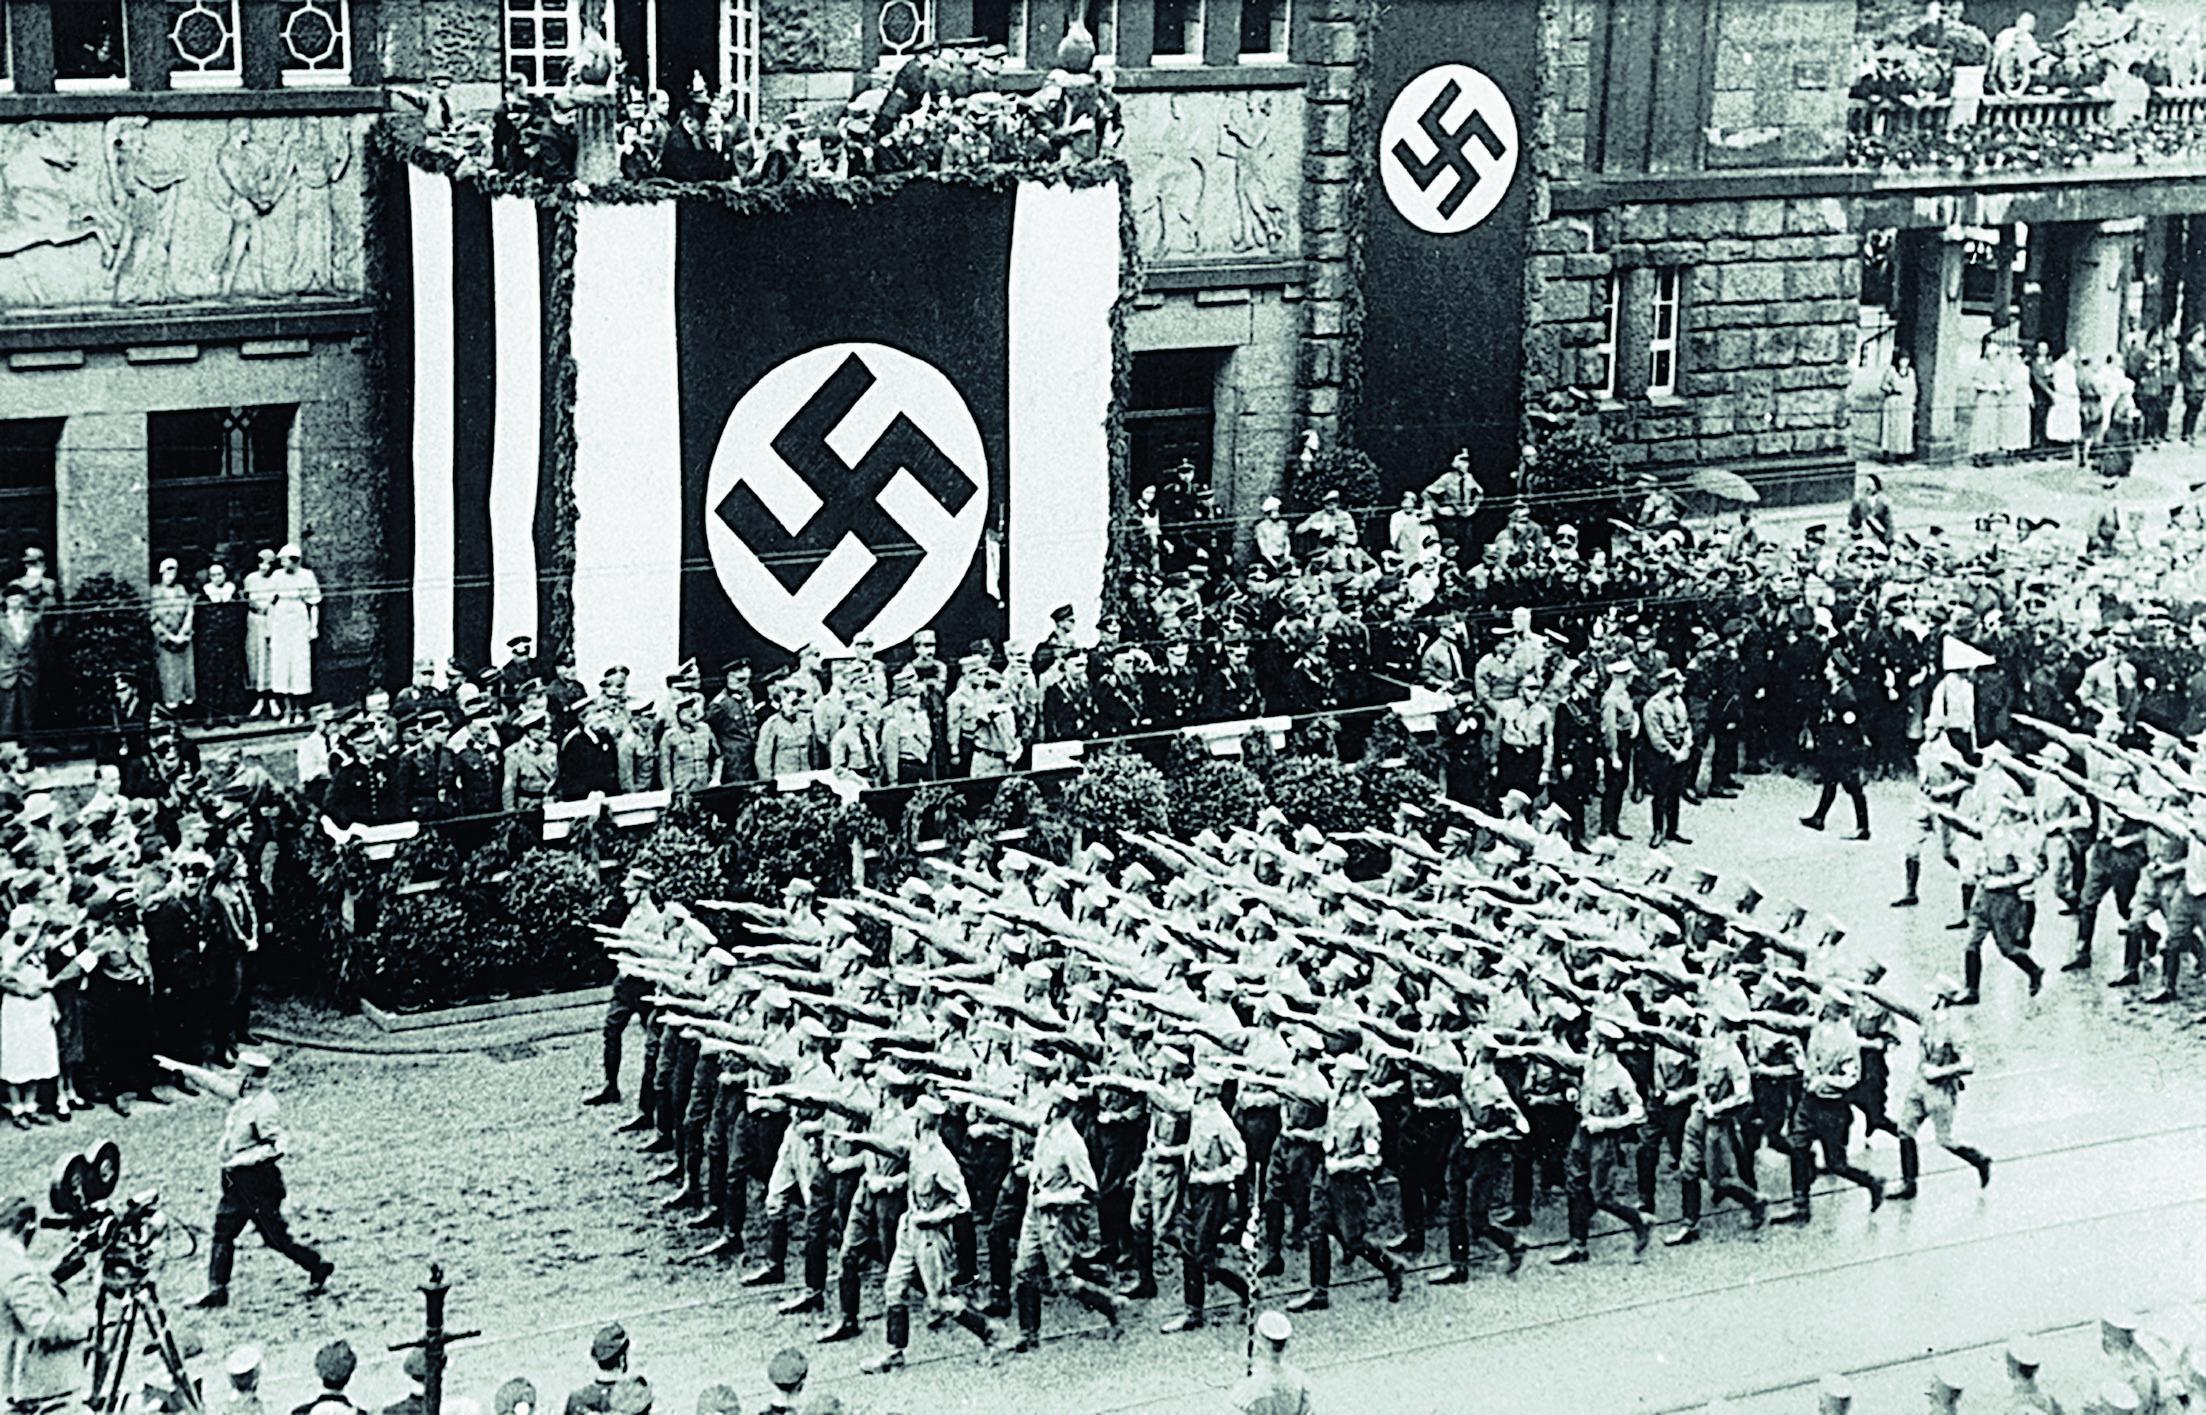 Die SA marschiert in Dortmund vor dem Stadttheater auf, angeführt von SA-Chef Ernst Röhm. Unter dem Hakenkreuz erkennbar: Adolf Hitler.